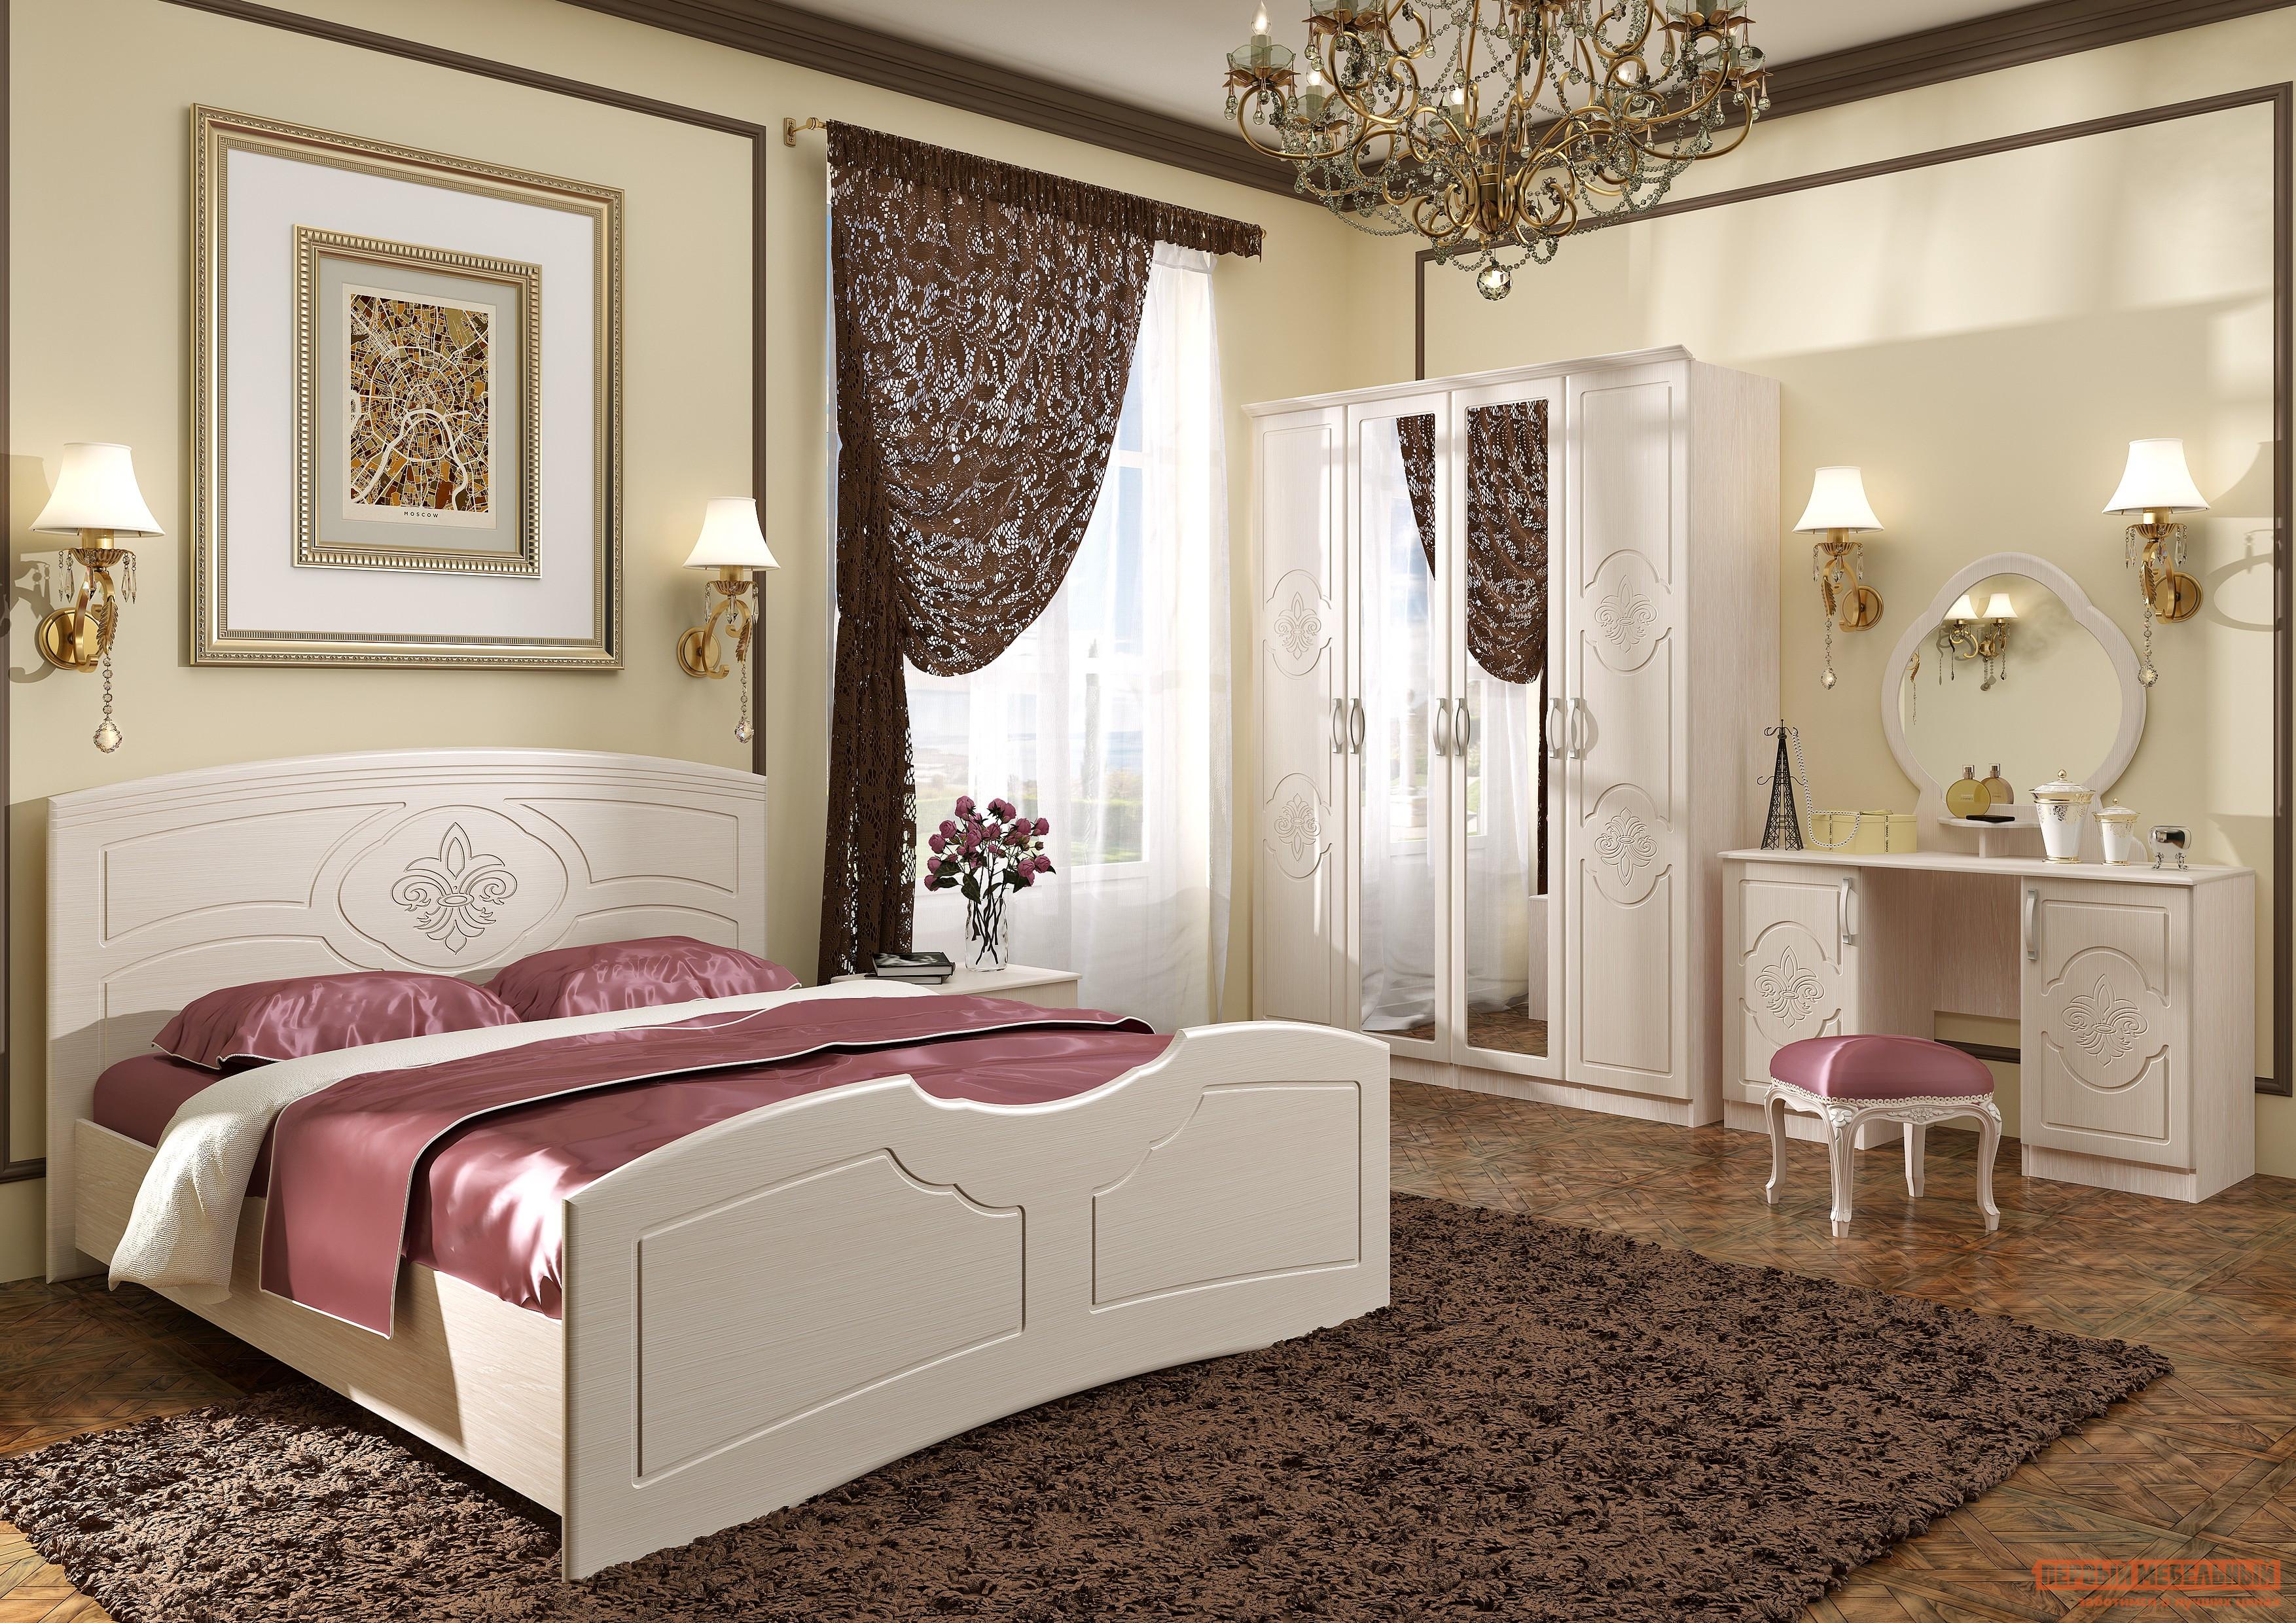 Спальный гарнитур Первый Мебельный Спальня Лилия спальный гарнитур первый мебельный стреза к2